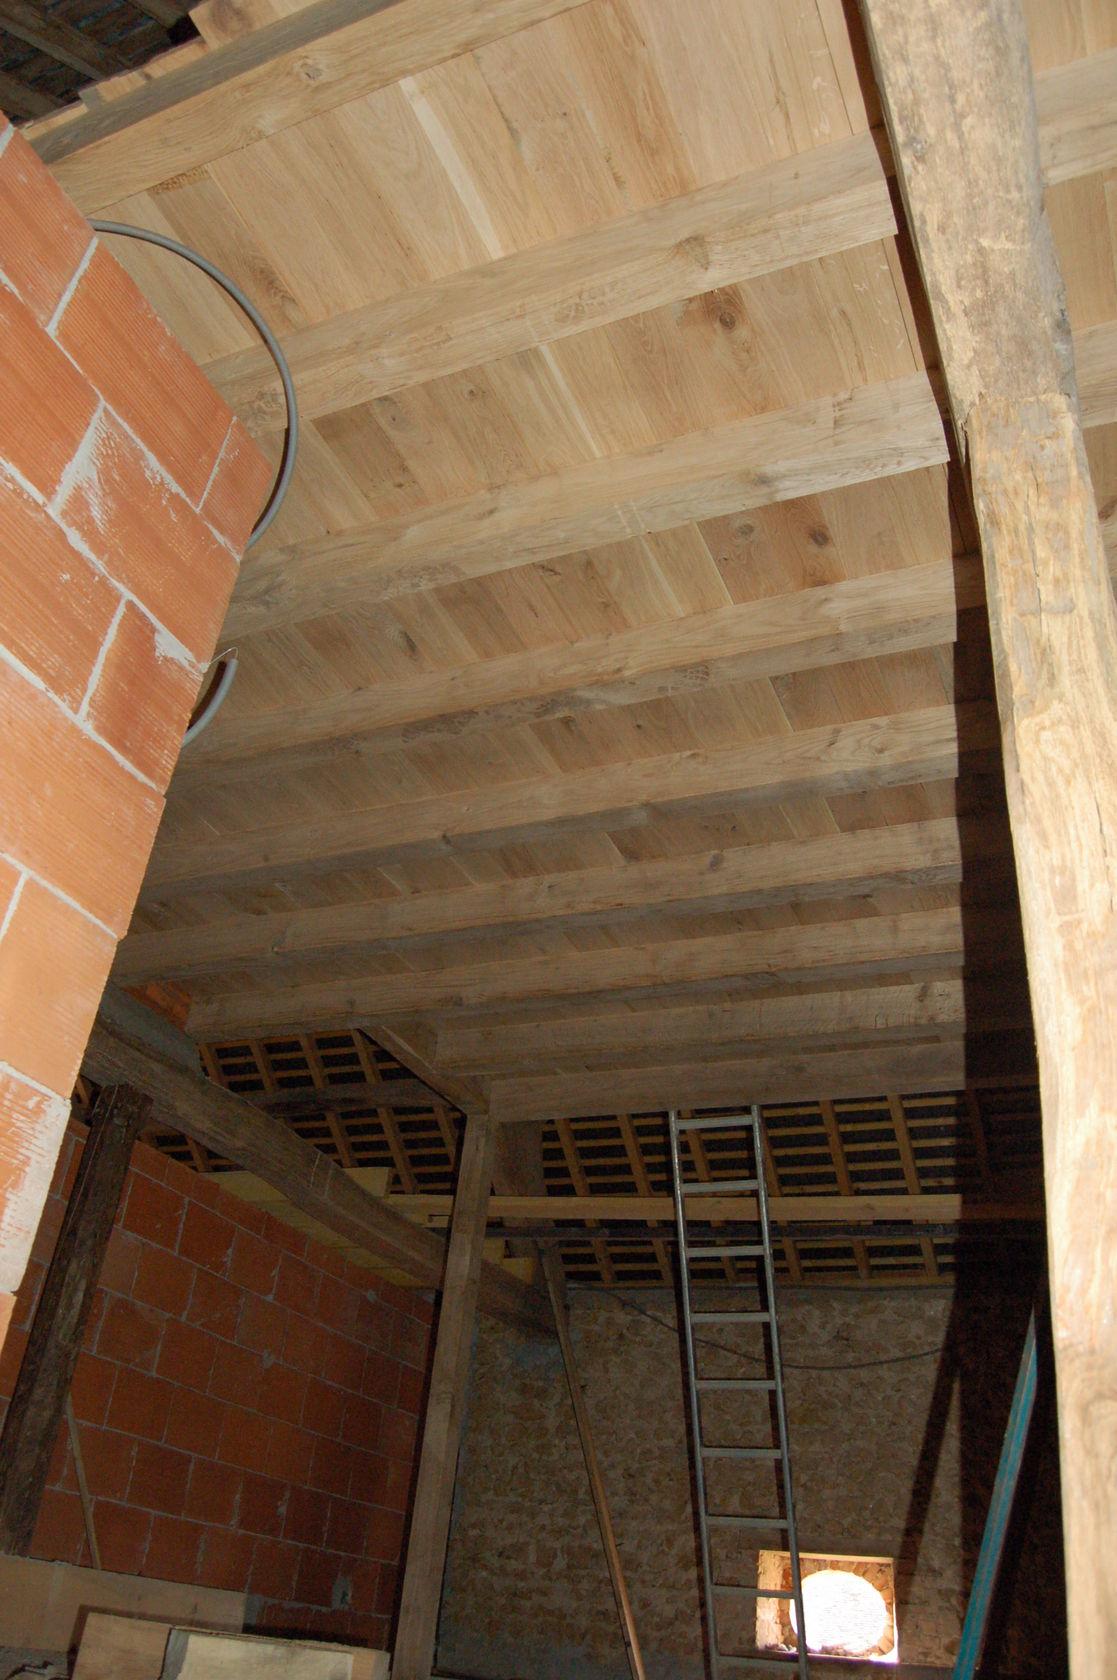 Mezzanines chambres solivage et plancher for Chambre sociale 13 janvier 2009